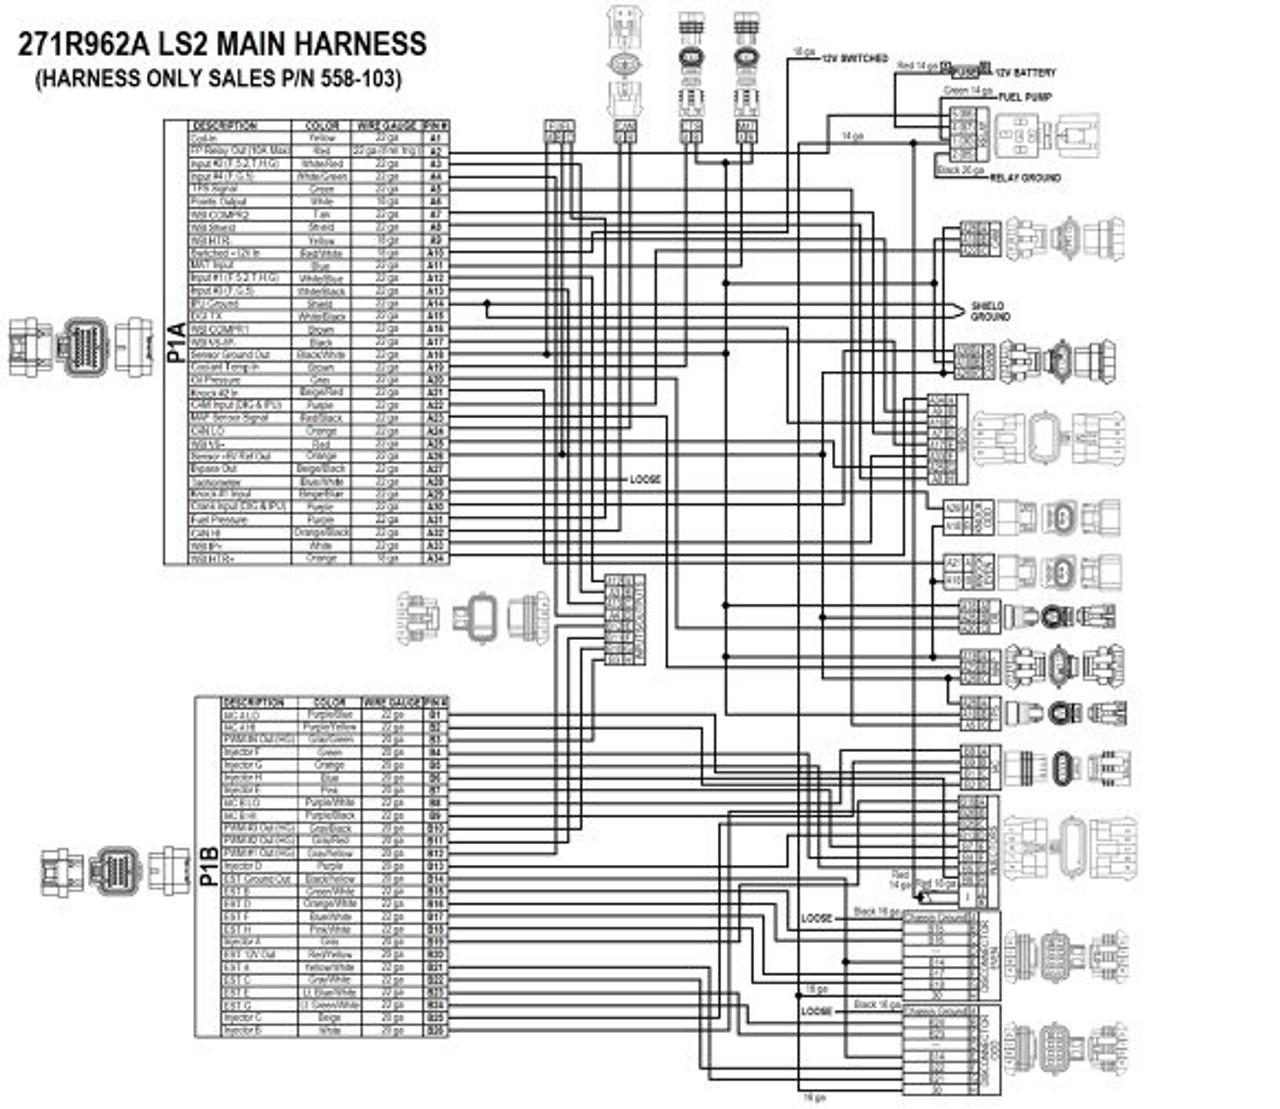 holley efi 550 602 hp efi ecu harness kit holley ls wiring diagram holley ls2 wiring diagram [ 1280 x 1109 Pixel ]